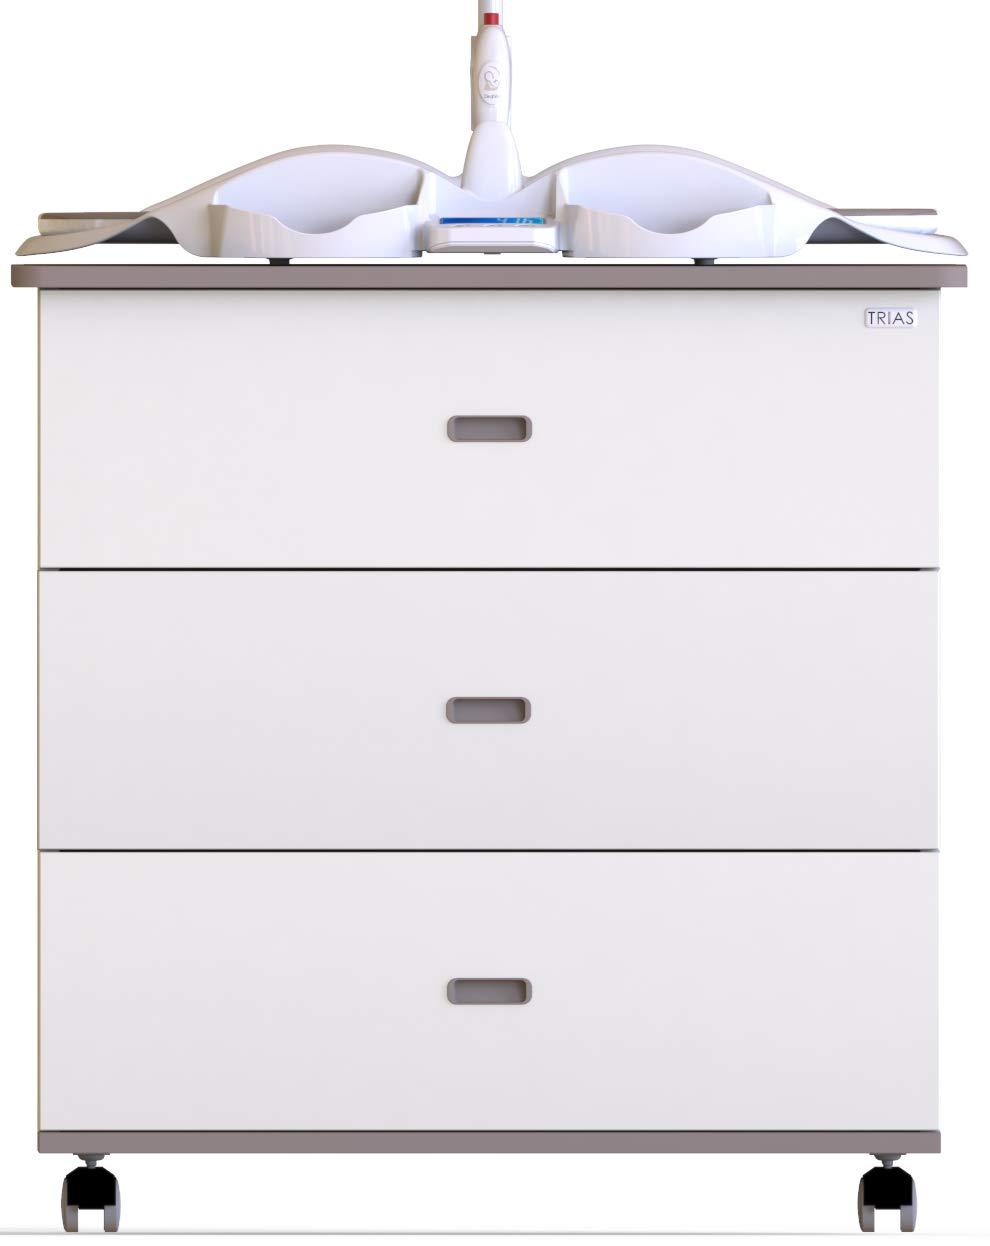 Made in Italy Italian Design Trias Cassettiera Dieghino/® Smart Fasciatoio Bilancia Neonato